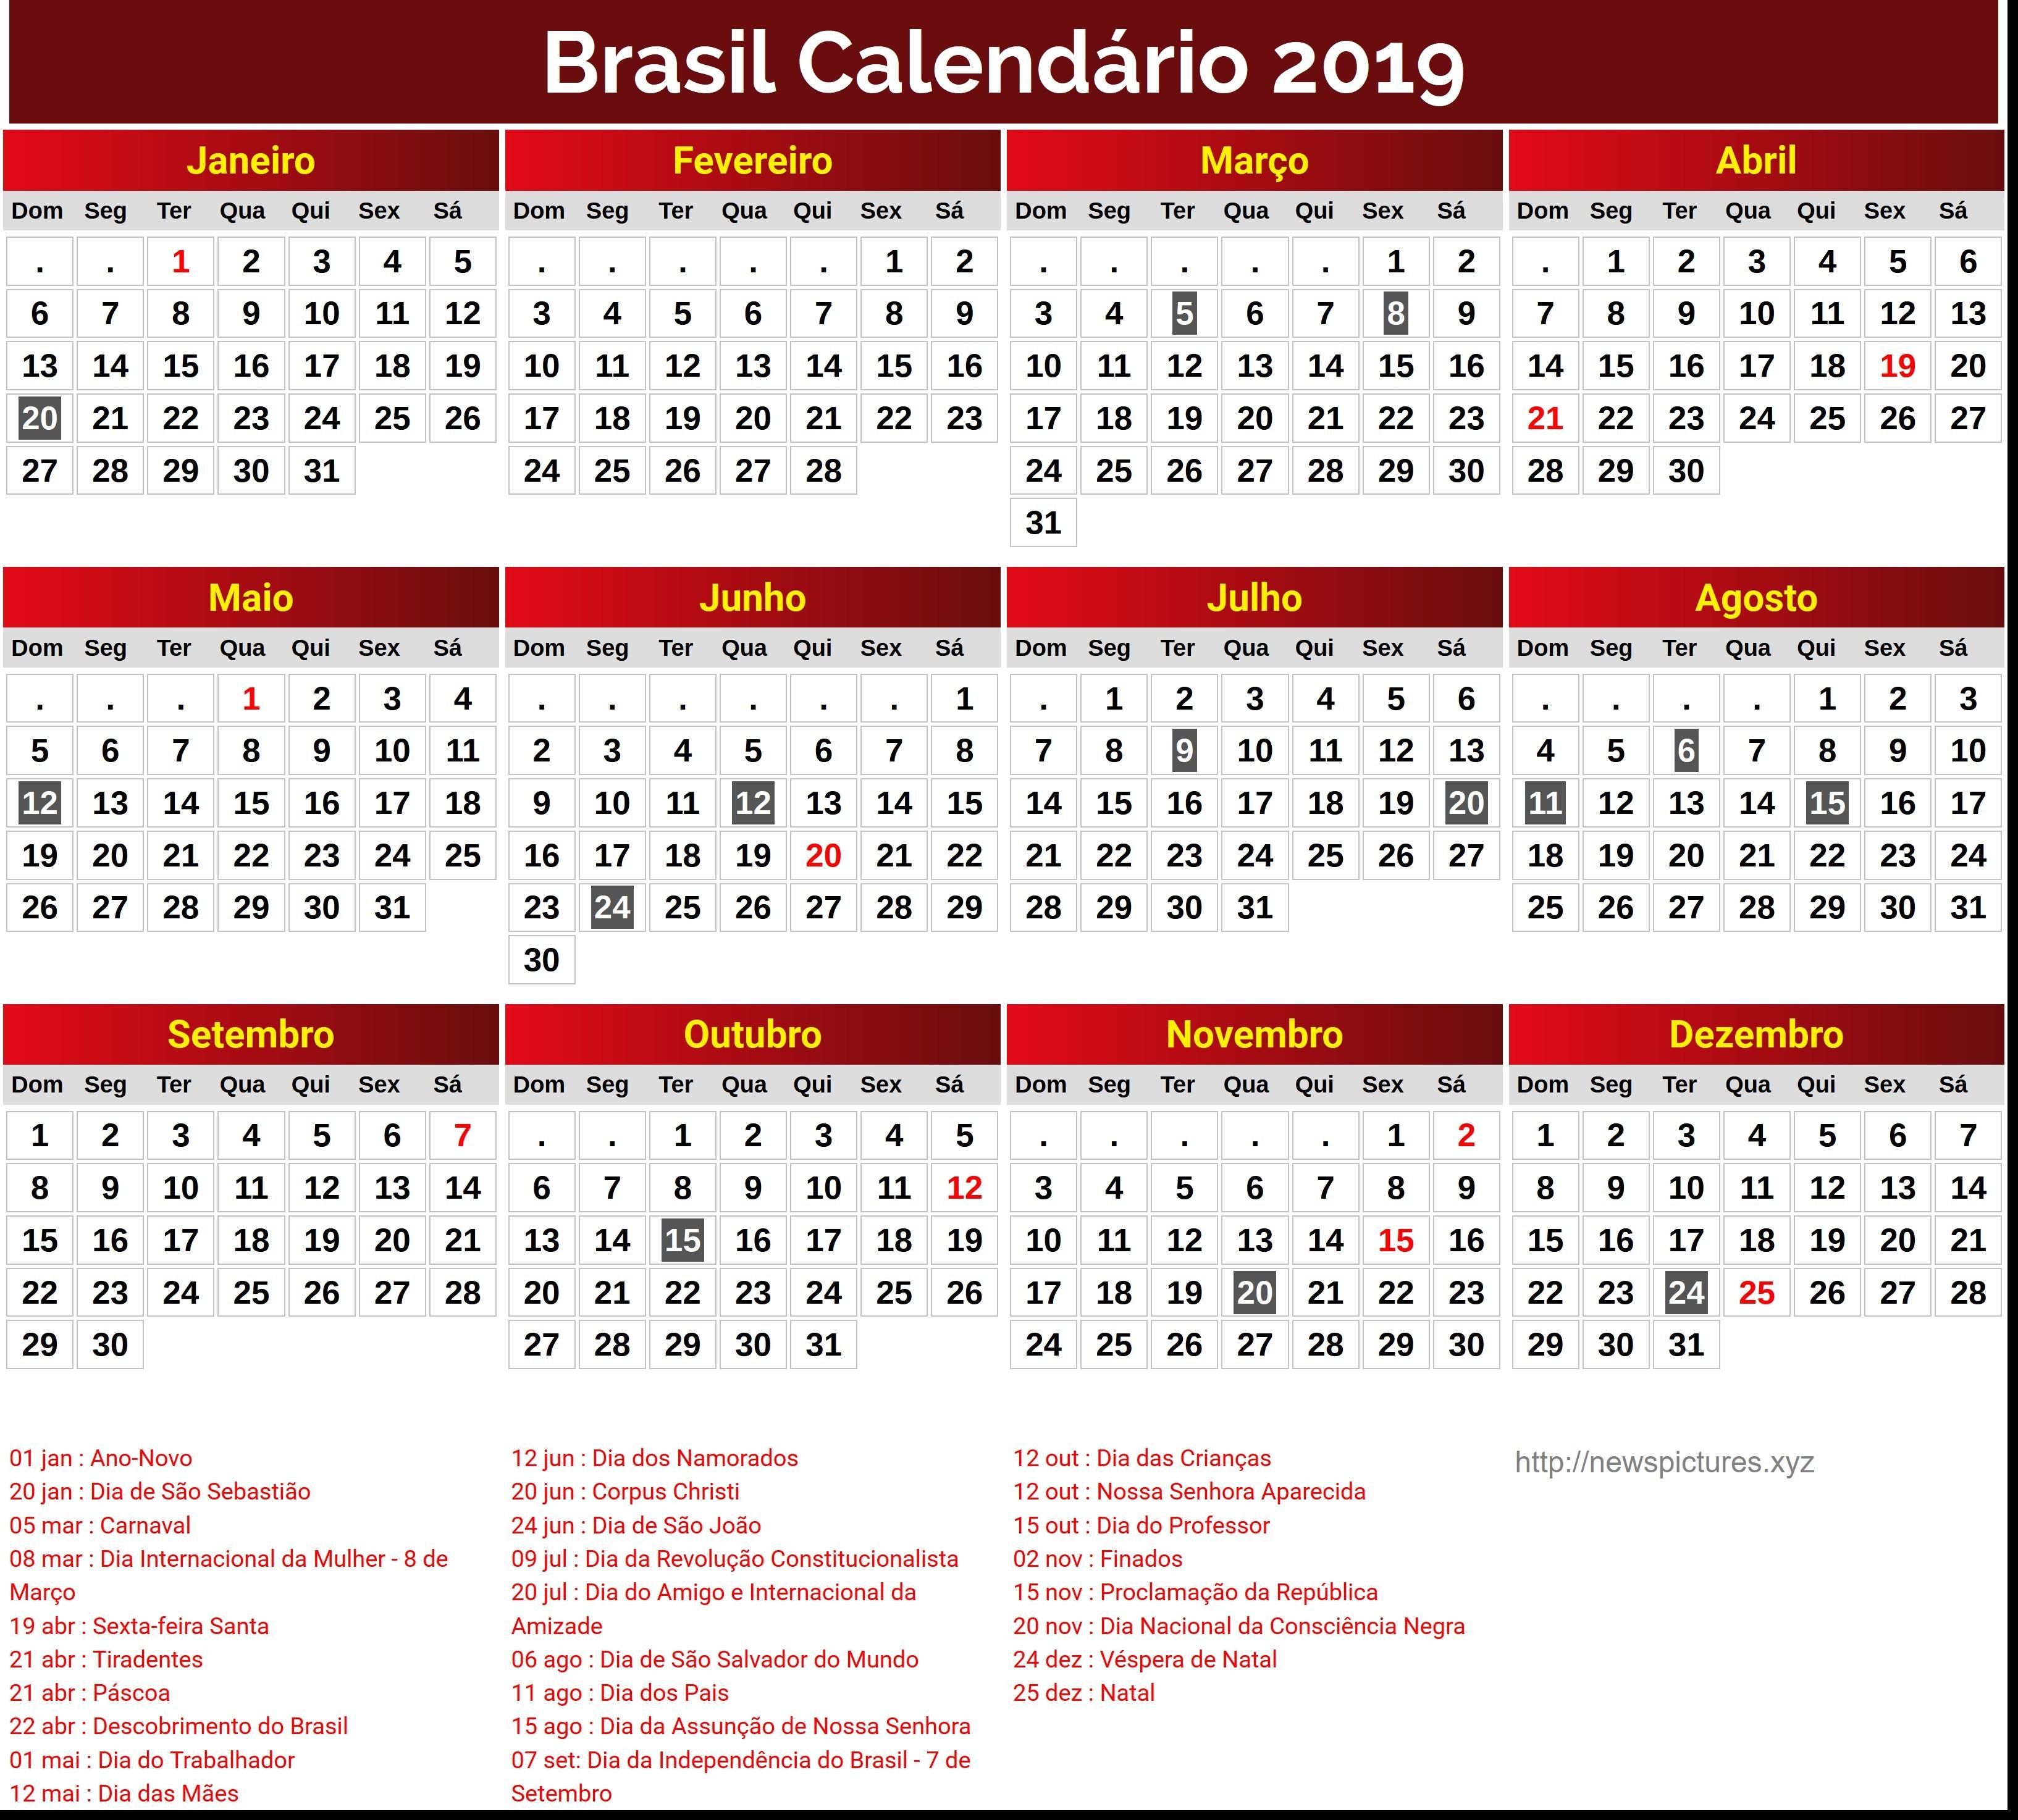 Calendario 2019 Feriados De Carnaval Más Reciente Evaluar Calendario 2019 Con Sus Feriados Of Calendario 2019 Feriados De Carnaval Más Reciente guilas Turismo